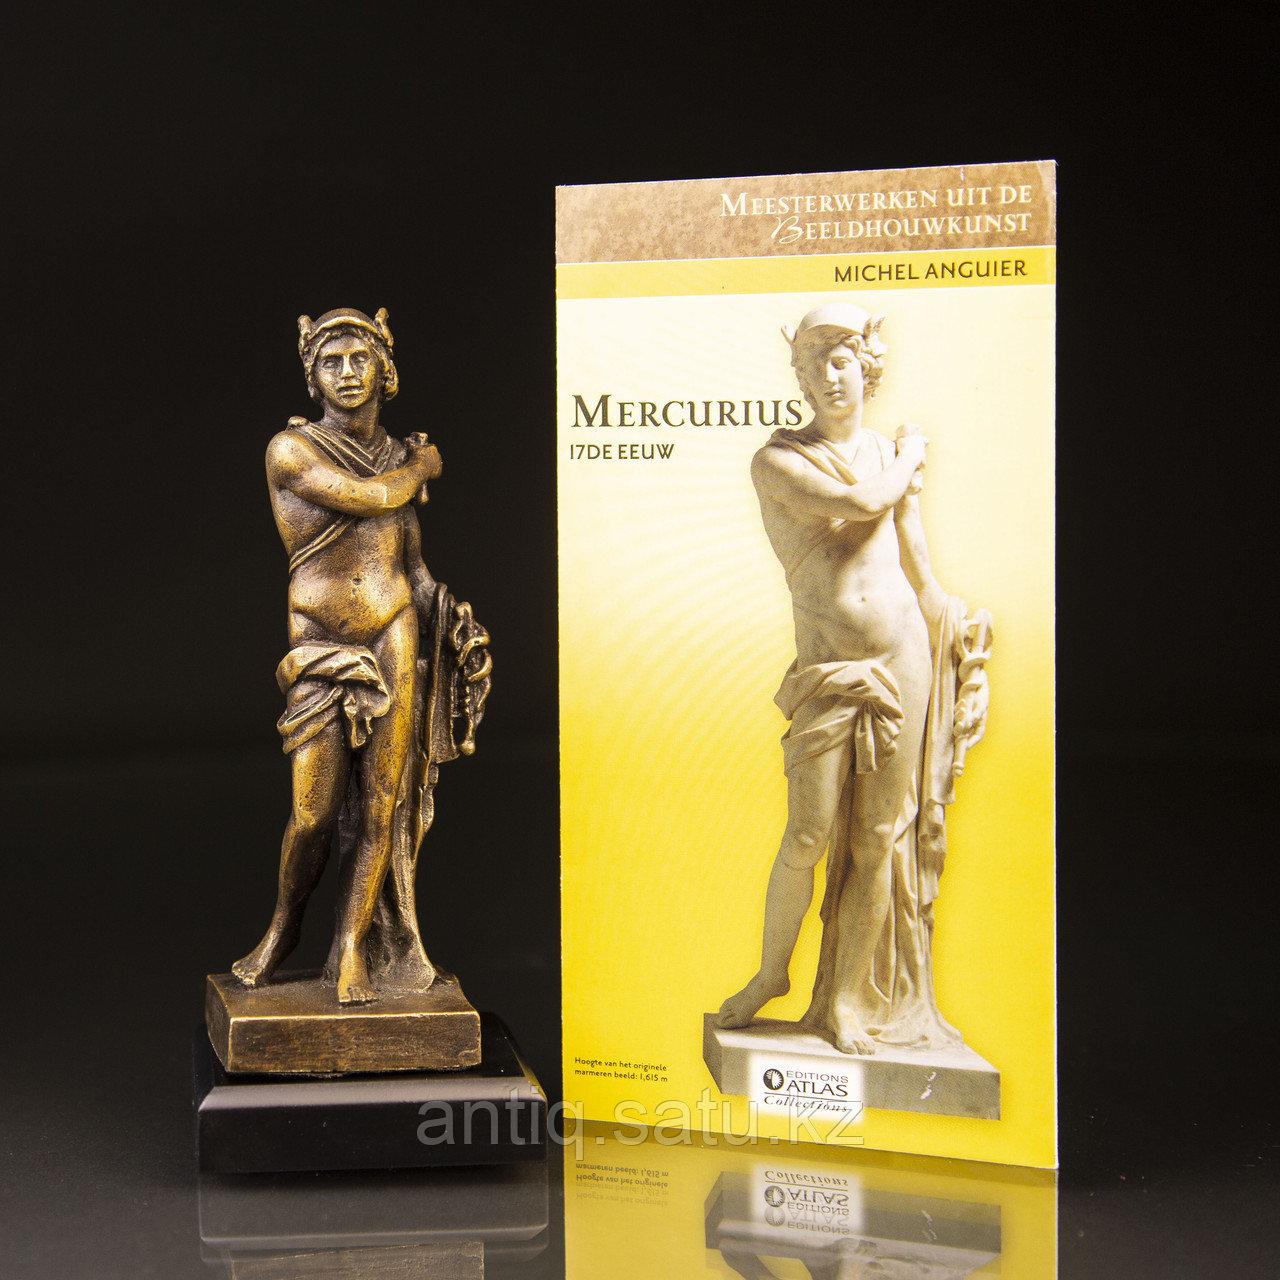 Коллекционная миниатюра «Меркурий» По модели Мишеля Ангье Производитель Edition Atlas Collection. - фото 7